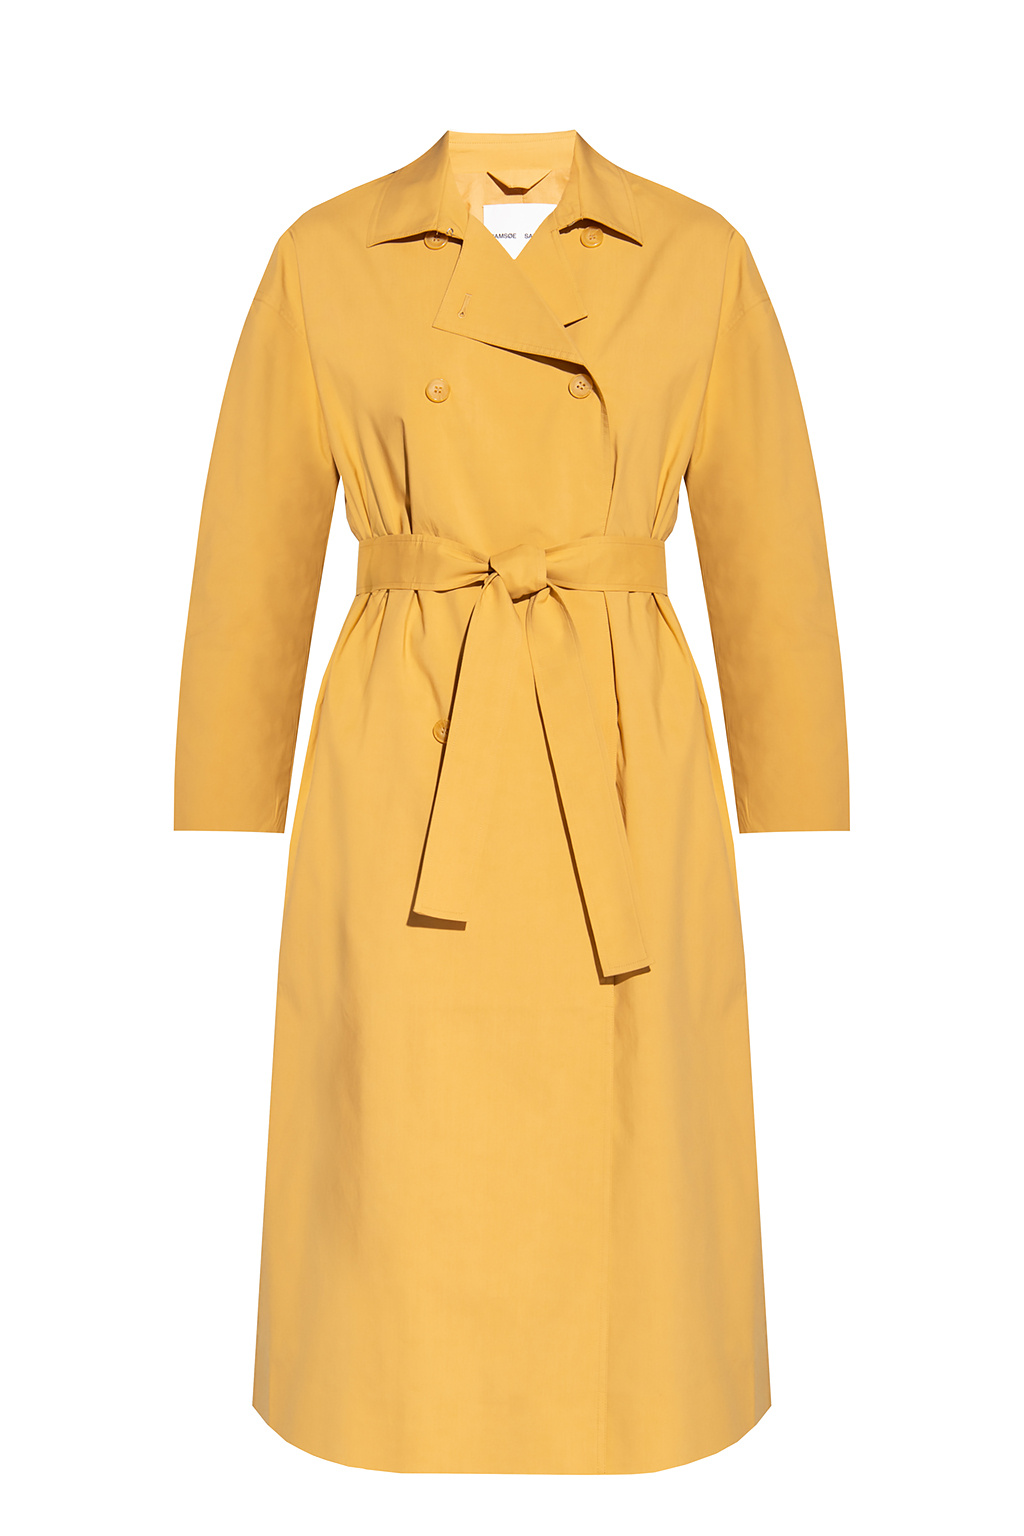 Samsøe Samsøe Oversize trench coat